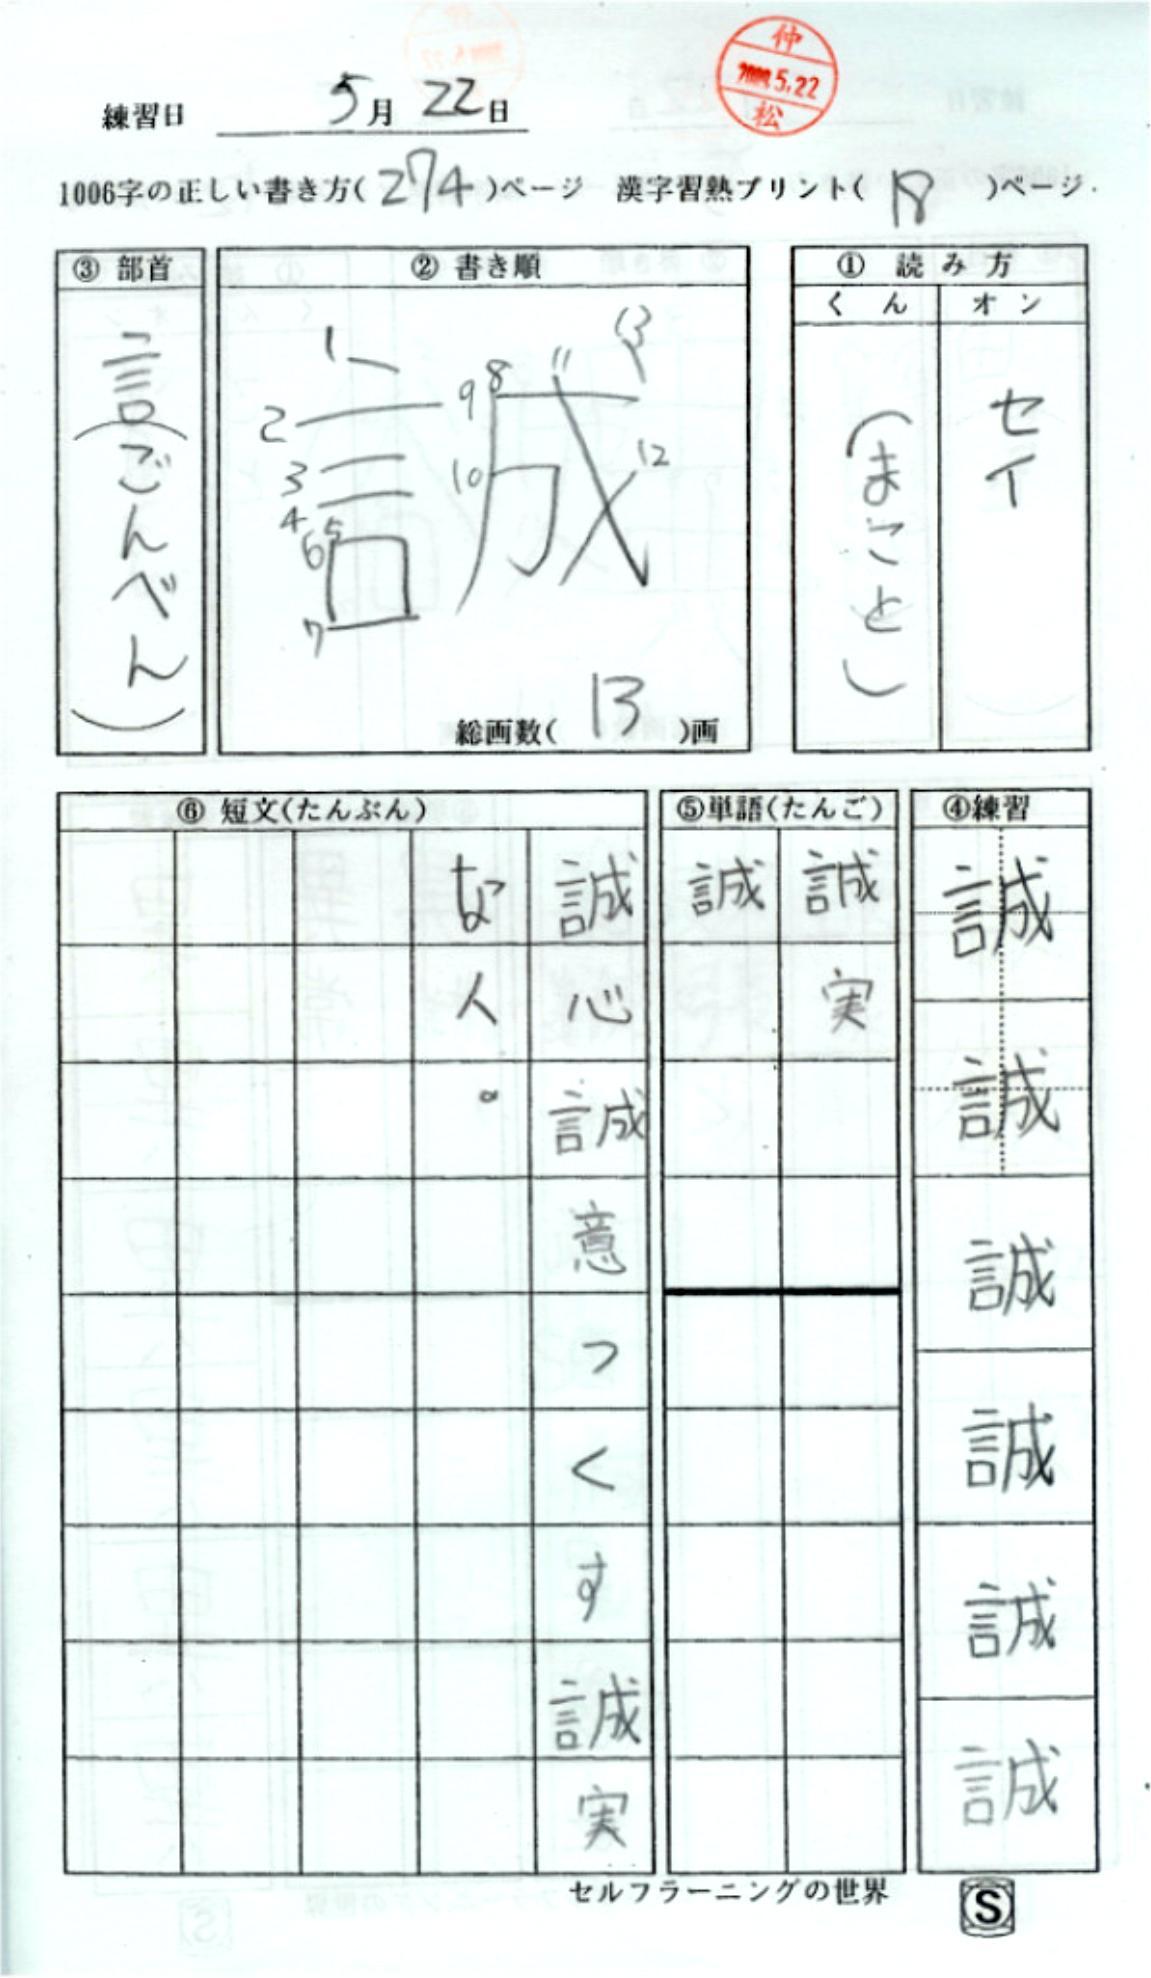 小学生の漢字の練習 : 漢字練習ノート 小学2年生 : 漢字